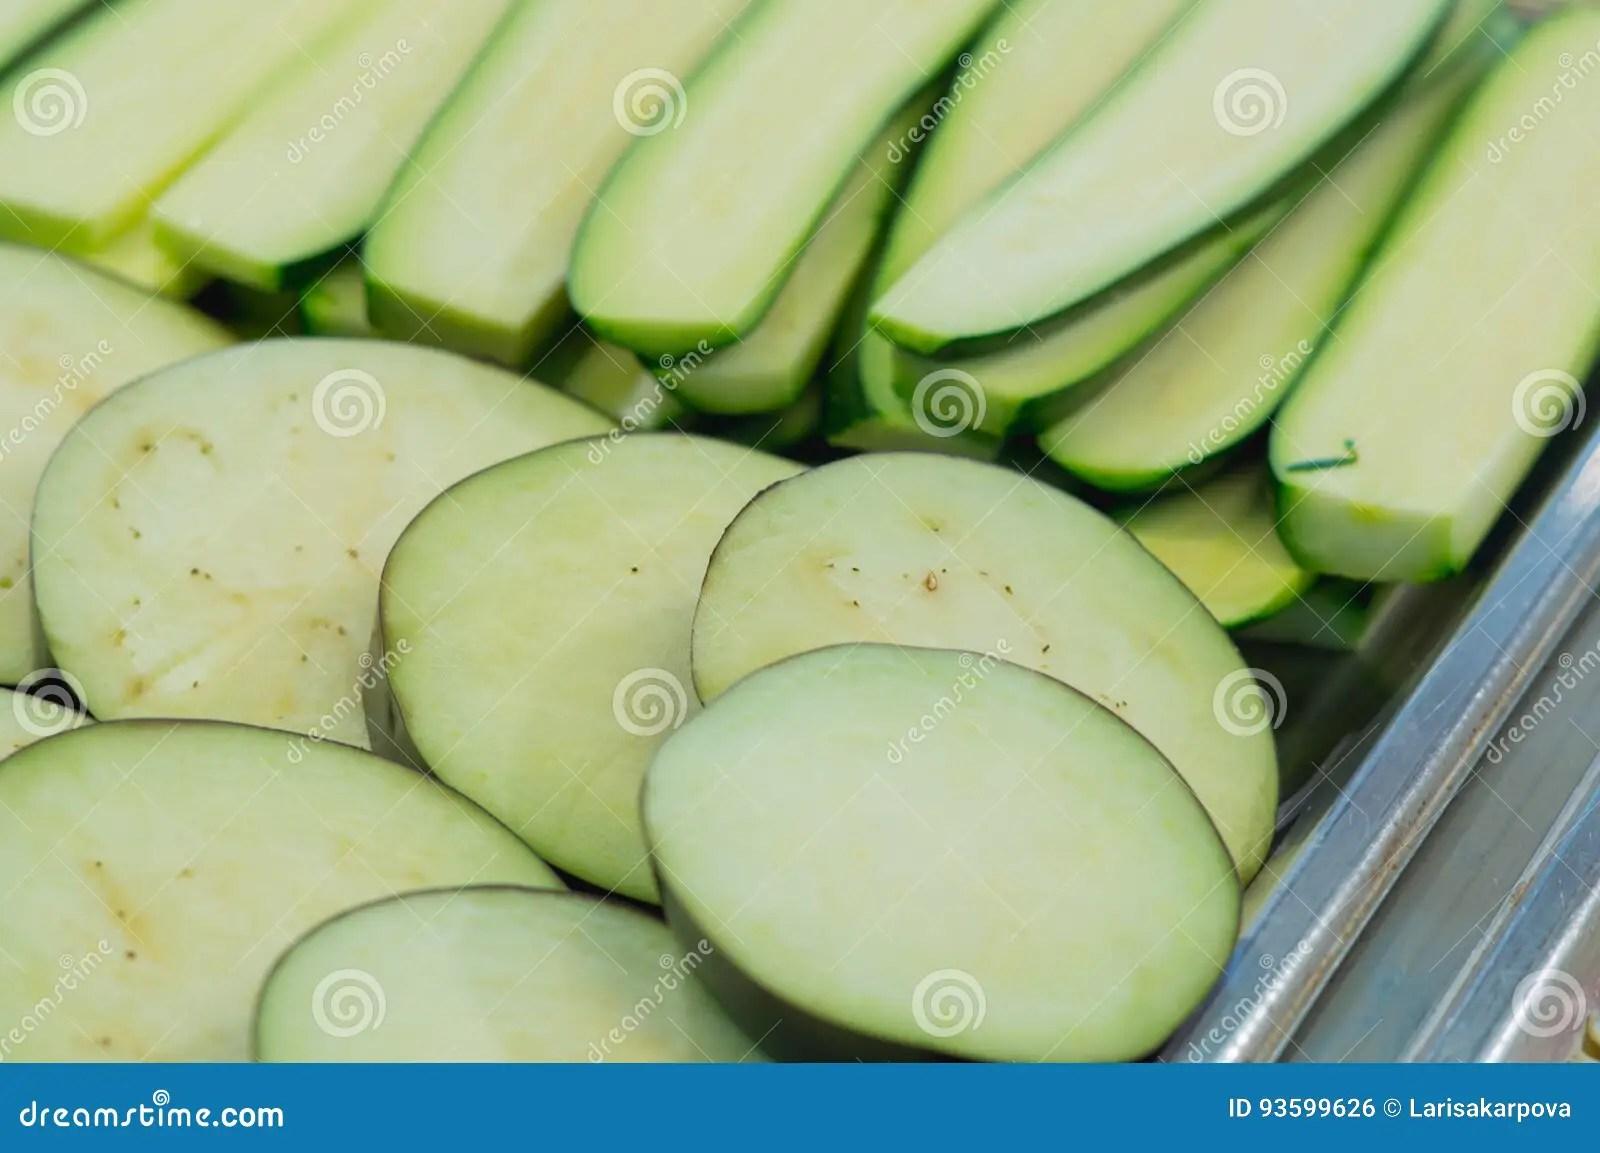 kitchen counter table sets ikea 在厨房柜台切的新鲜的夏南瓜烹调的蔬菜库存照片 图片包括有生活方式 在厨房柜台切的新鲜的夏南瓜烹调的蔬菜